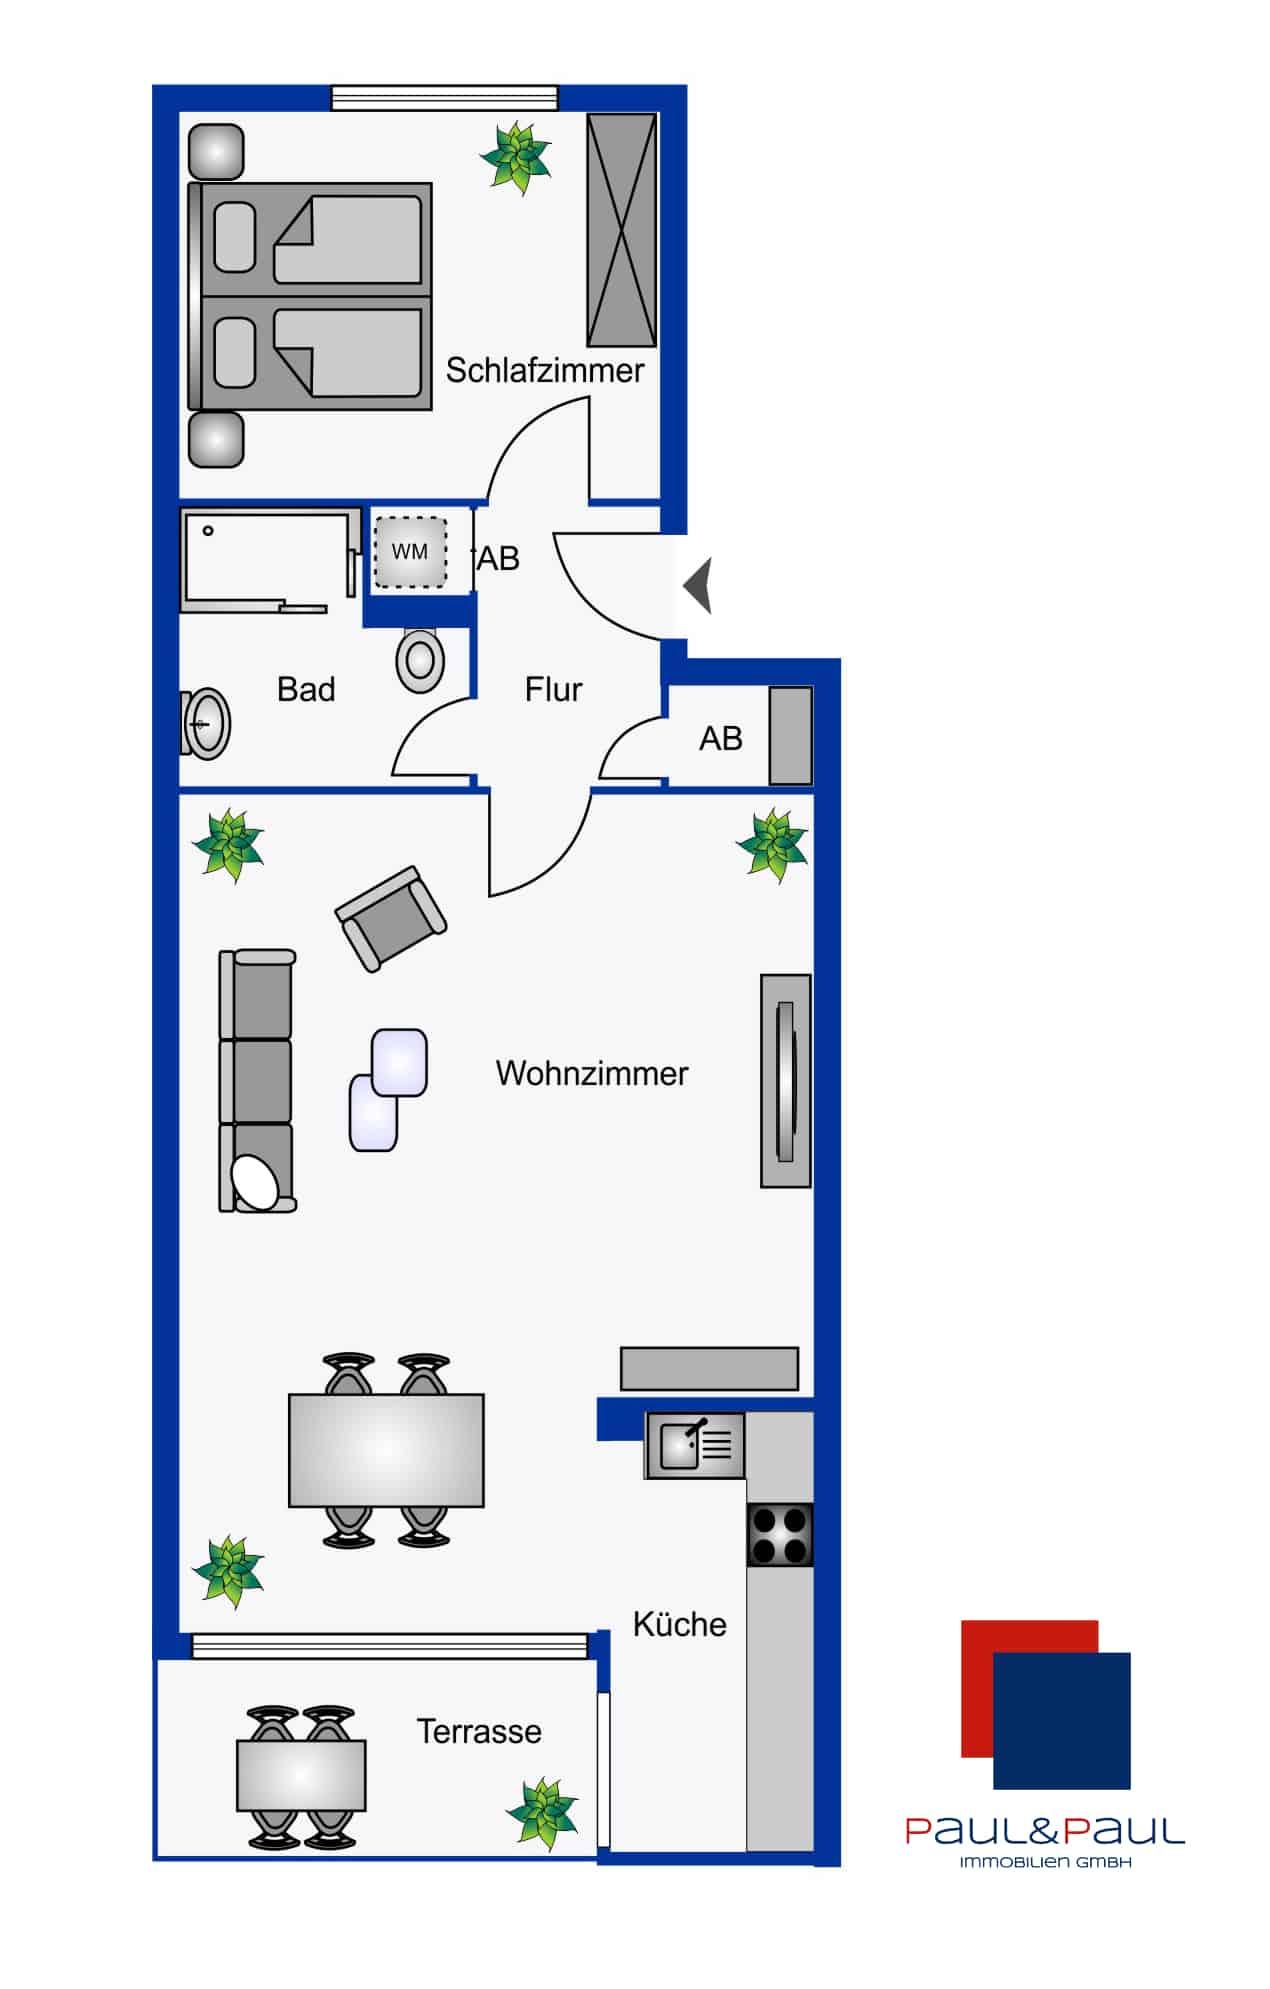 Grundriss Rugenbarg 2Zimmer-Wohnung